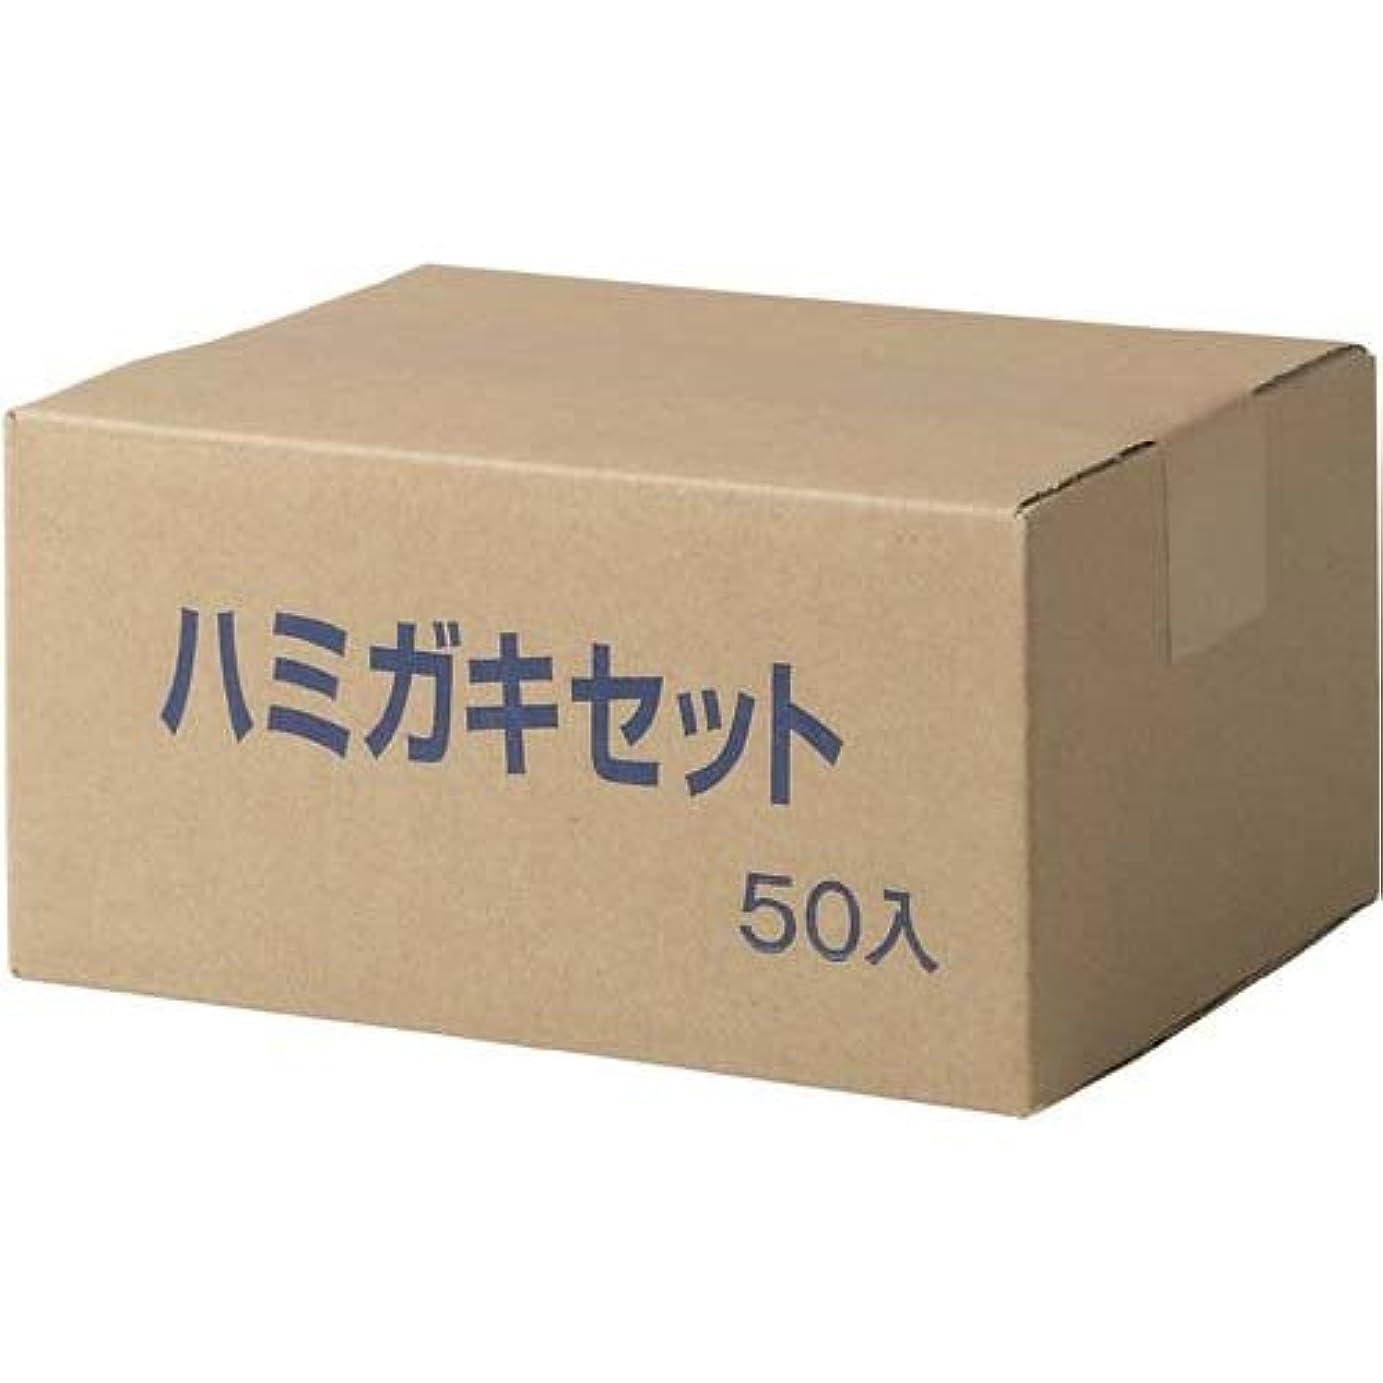 ページェントセンタースプリットアイテック 業務用ハブラシセット 50パック入